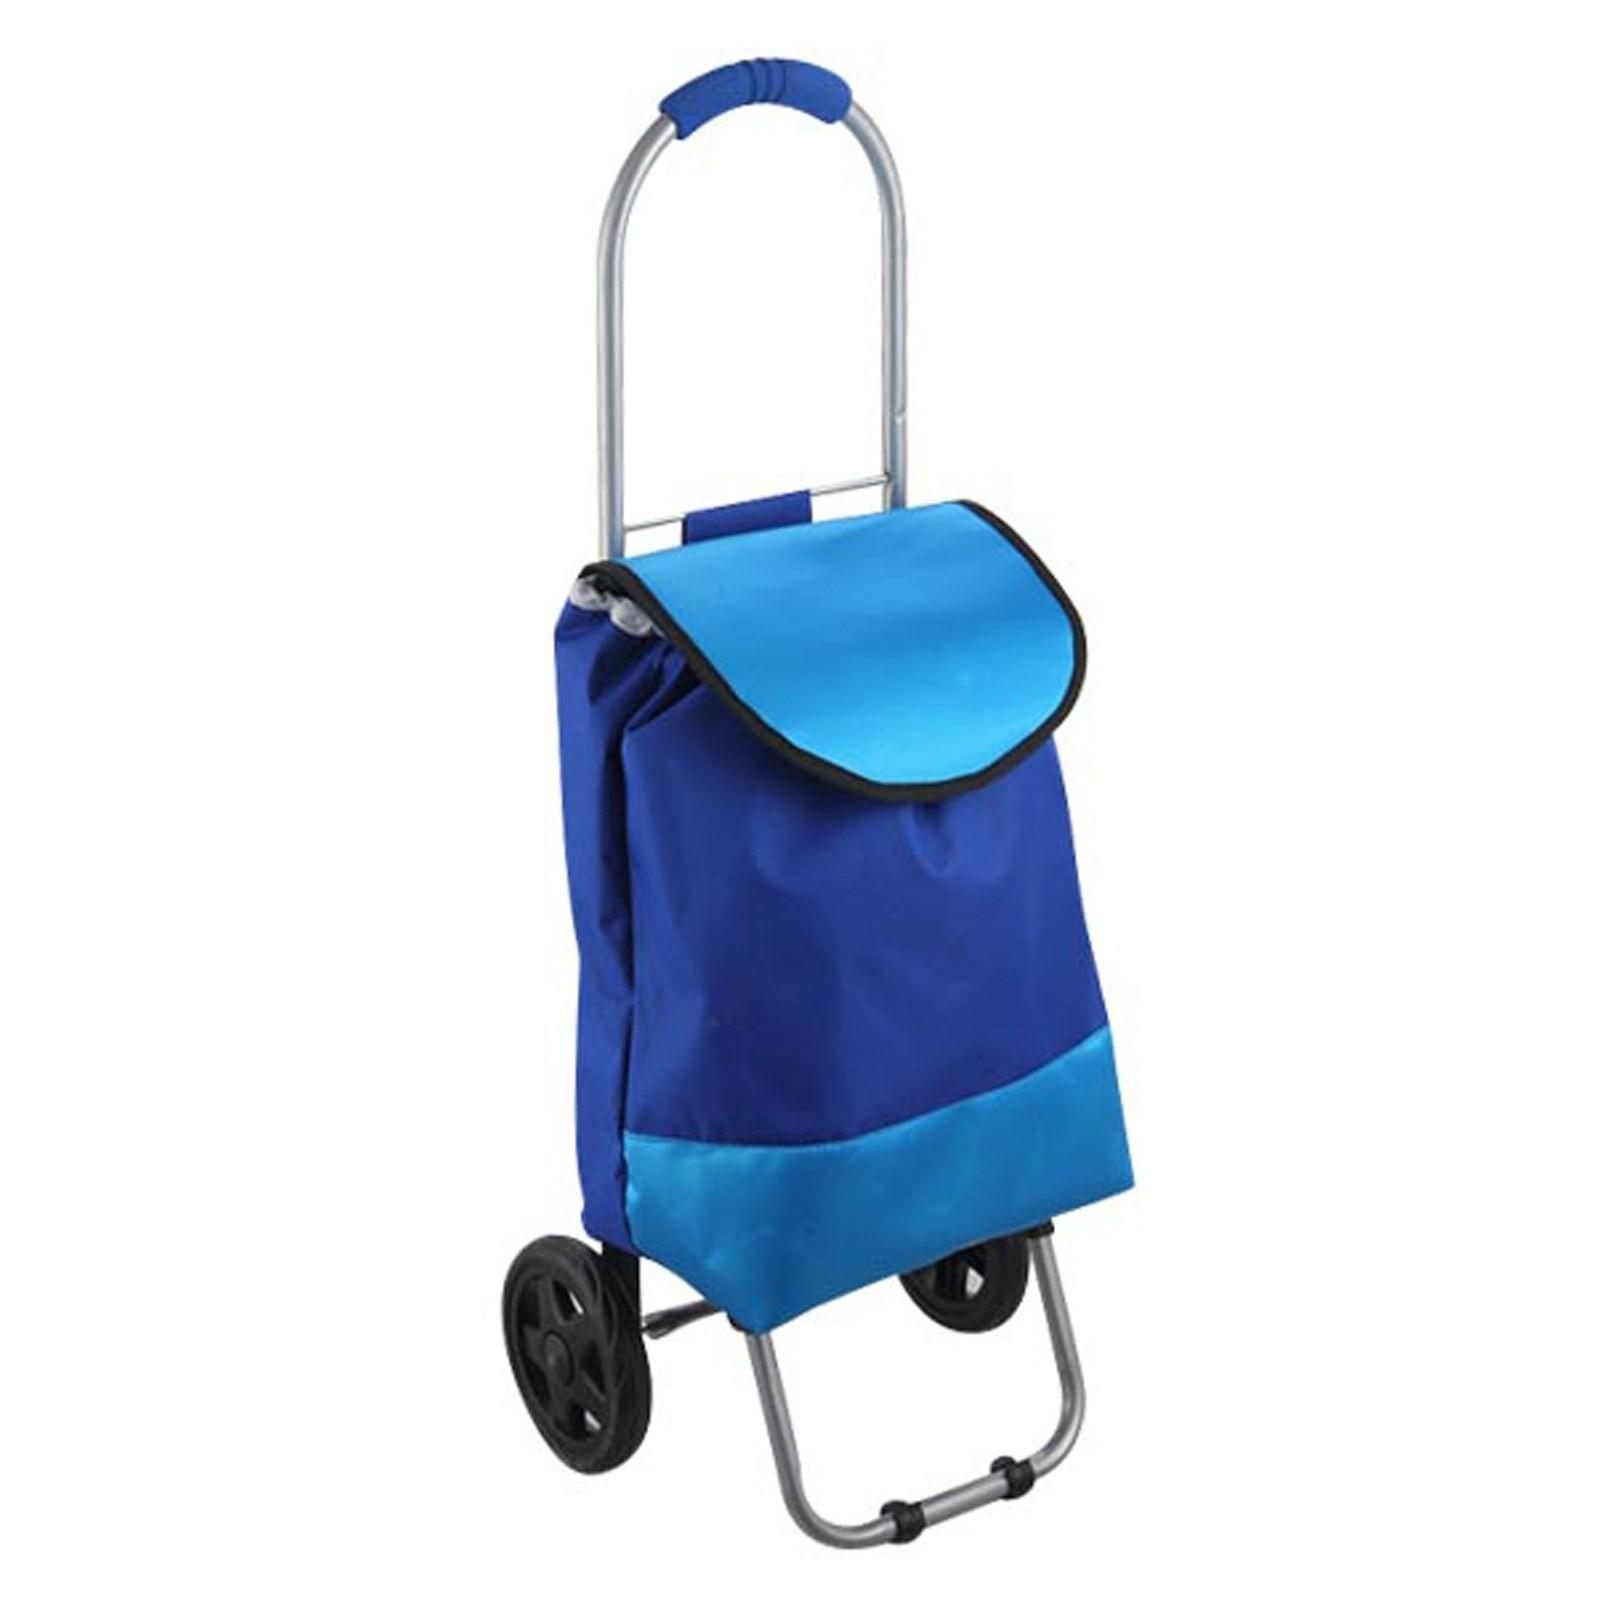 Carrello per la spesa 2 ruote borsa porta spesa trolley for Carrello porta ombrellone e sdraio